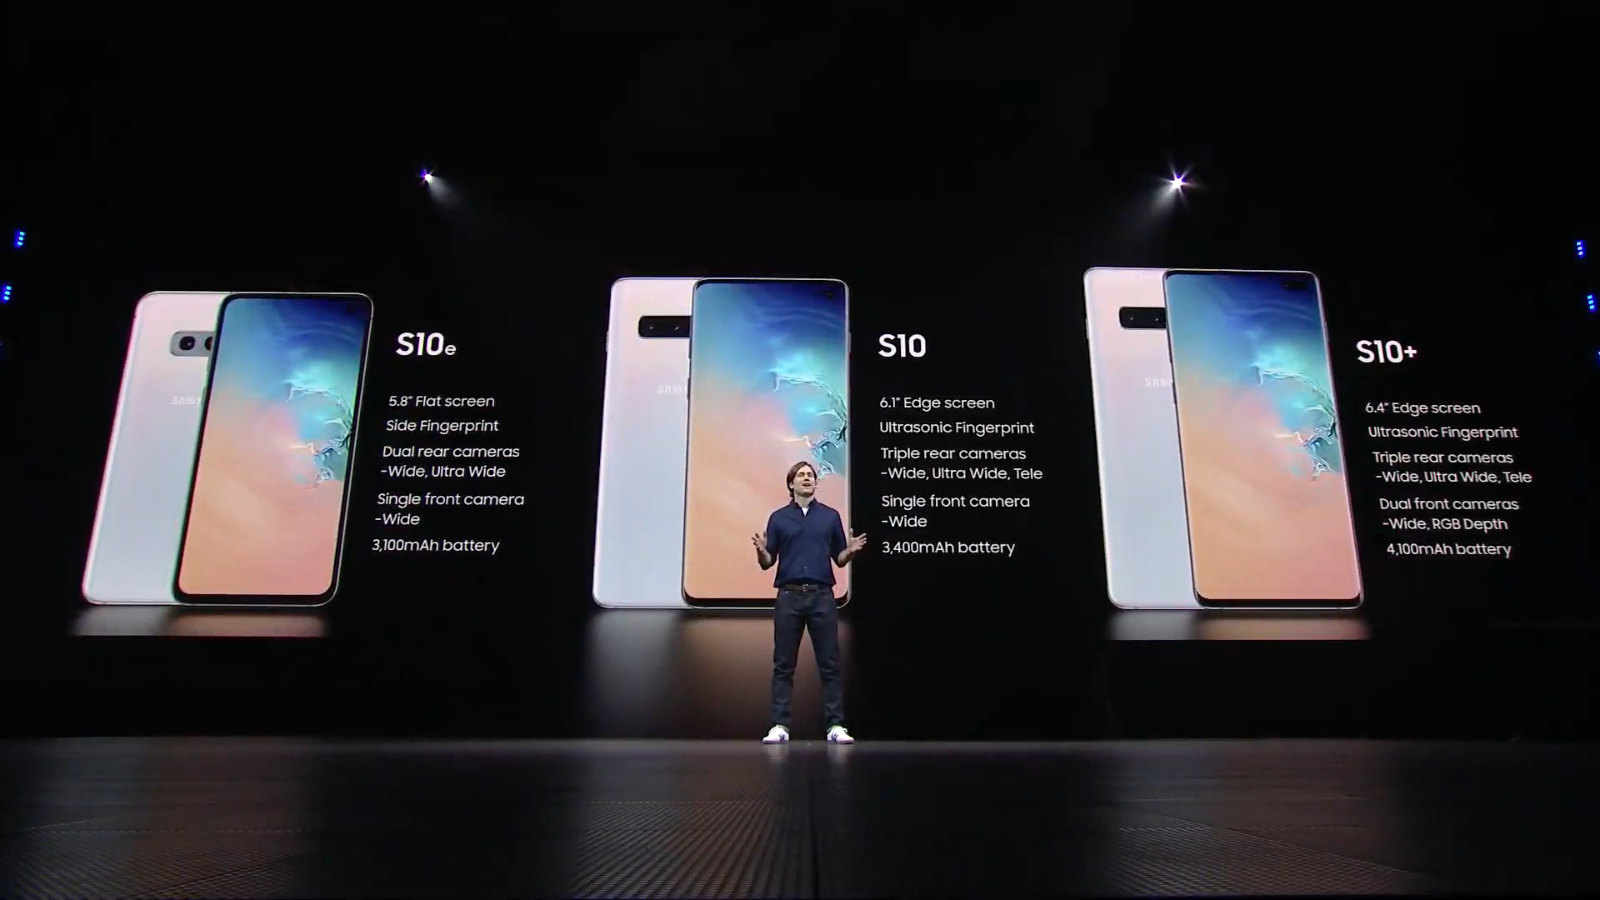 Galaxy S10E, S10, and S10+ Plus